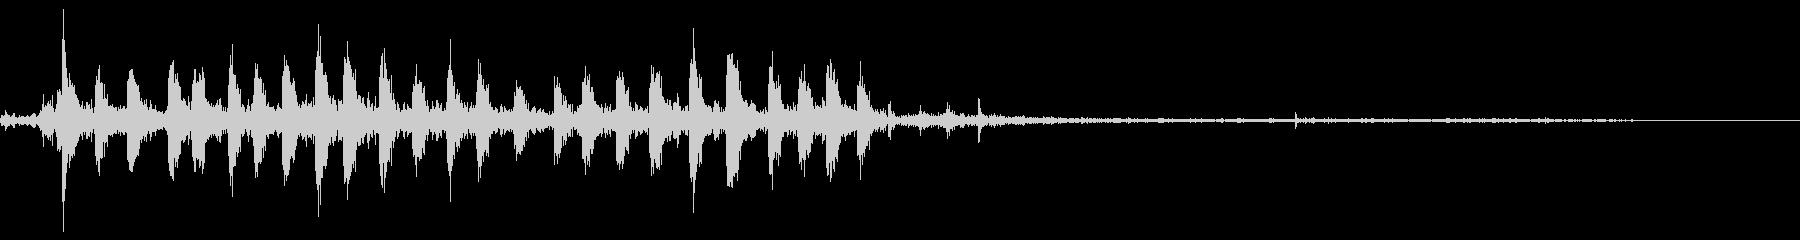 【銃声音002】マシンガンの音の未再生の波形